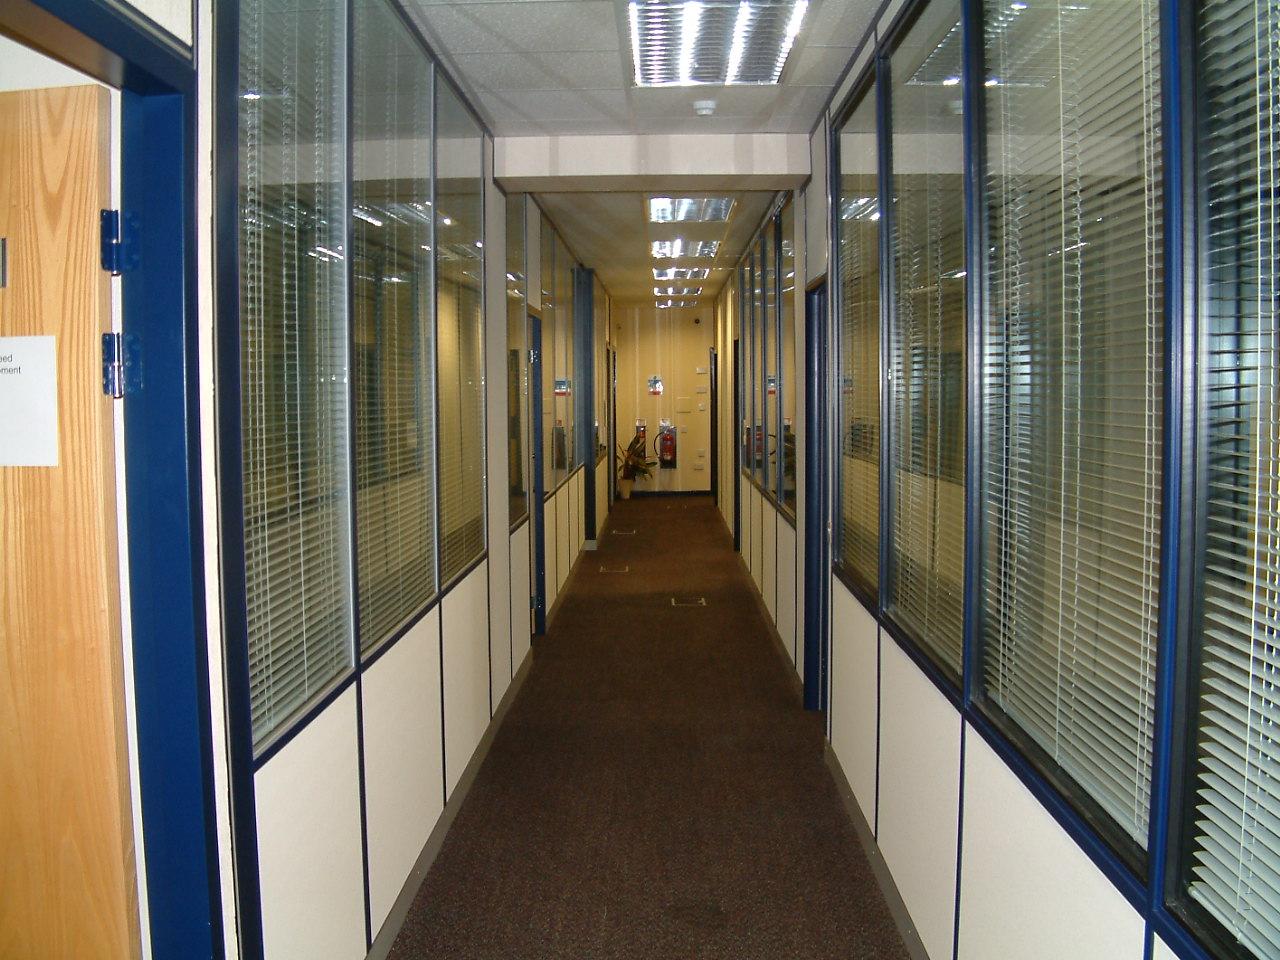 Inside the William Elder Building